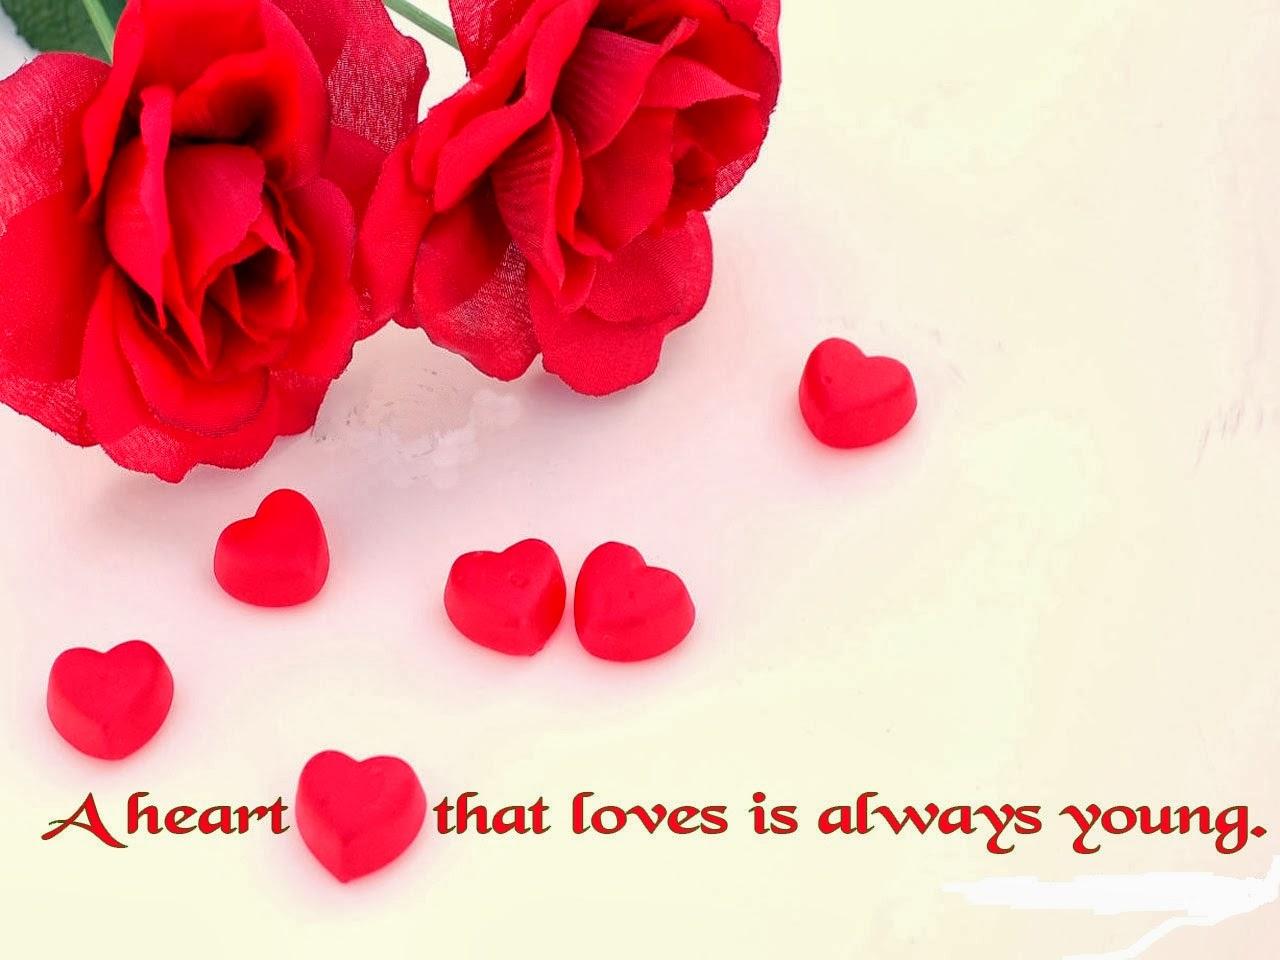 Kumpulan Kata Kata Galau Cinta Sedih Bahasa Inggris Dan   Share The ...